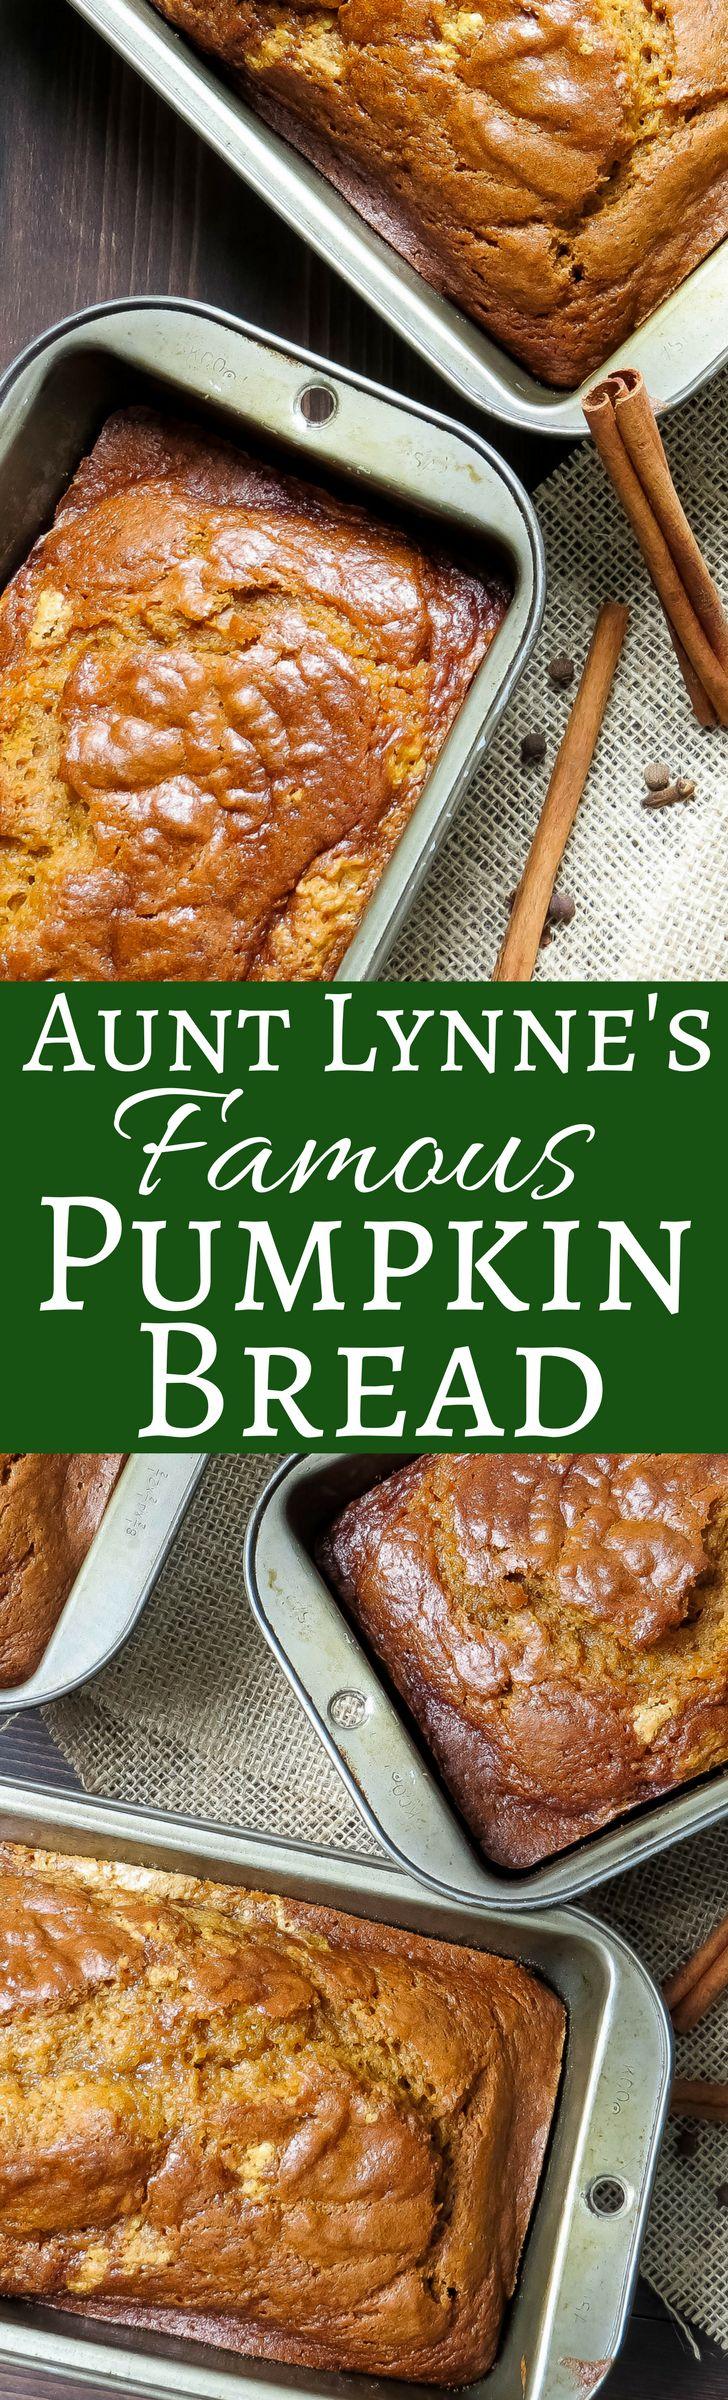 Aunt lynnes famous pumpkin bread